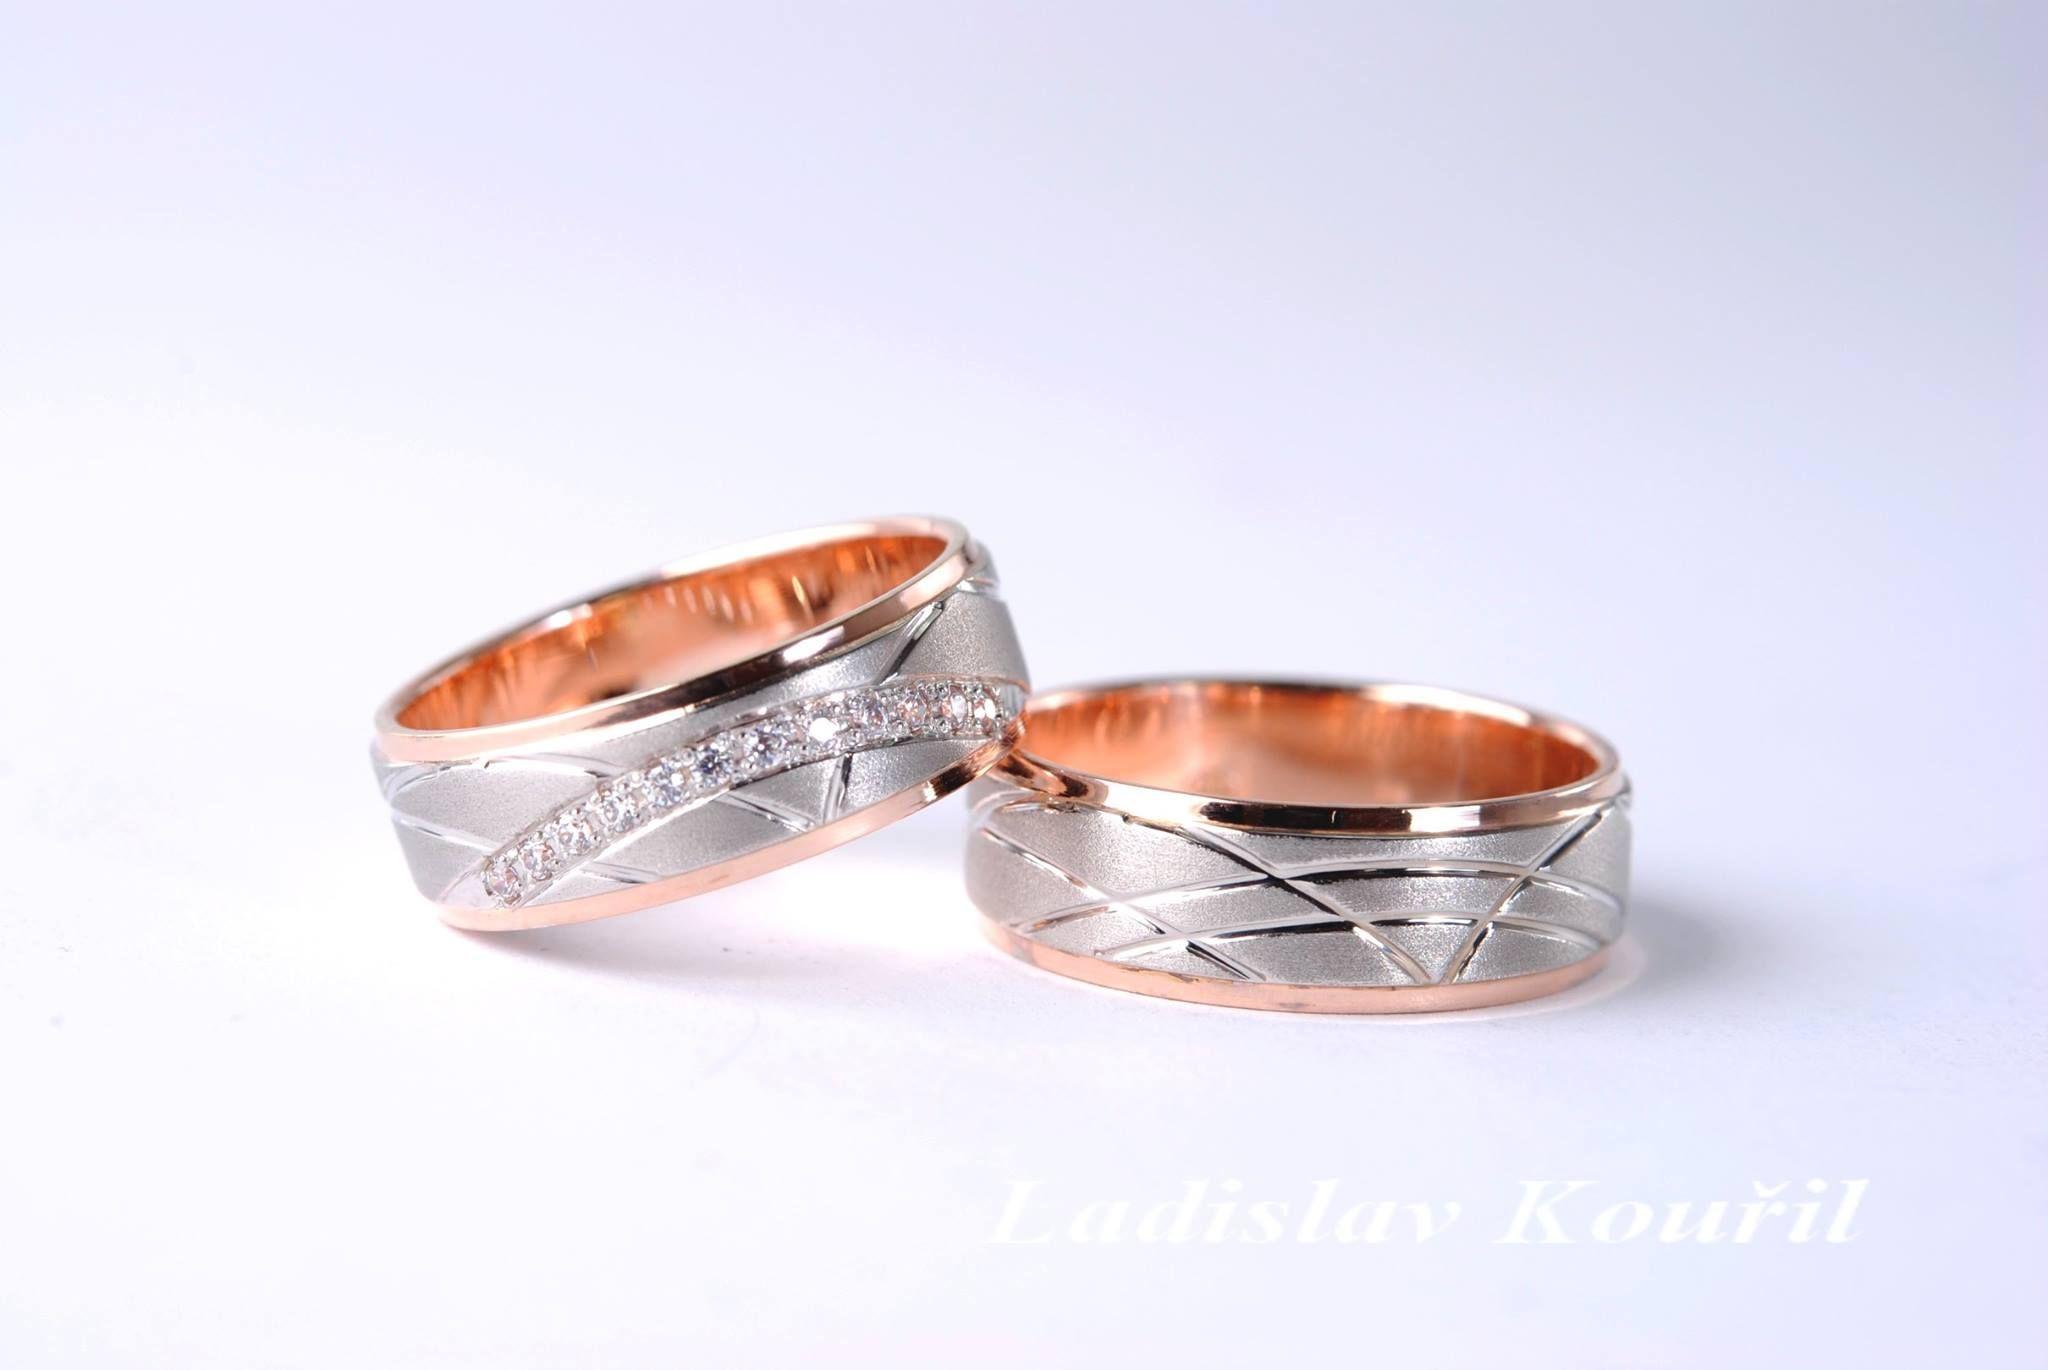 fd5dc7dc9 Moderní snubní prstýnky z bílého a červeného zlata. #zlato #svatba #móda #